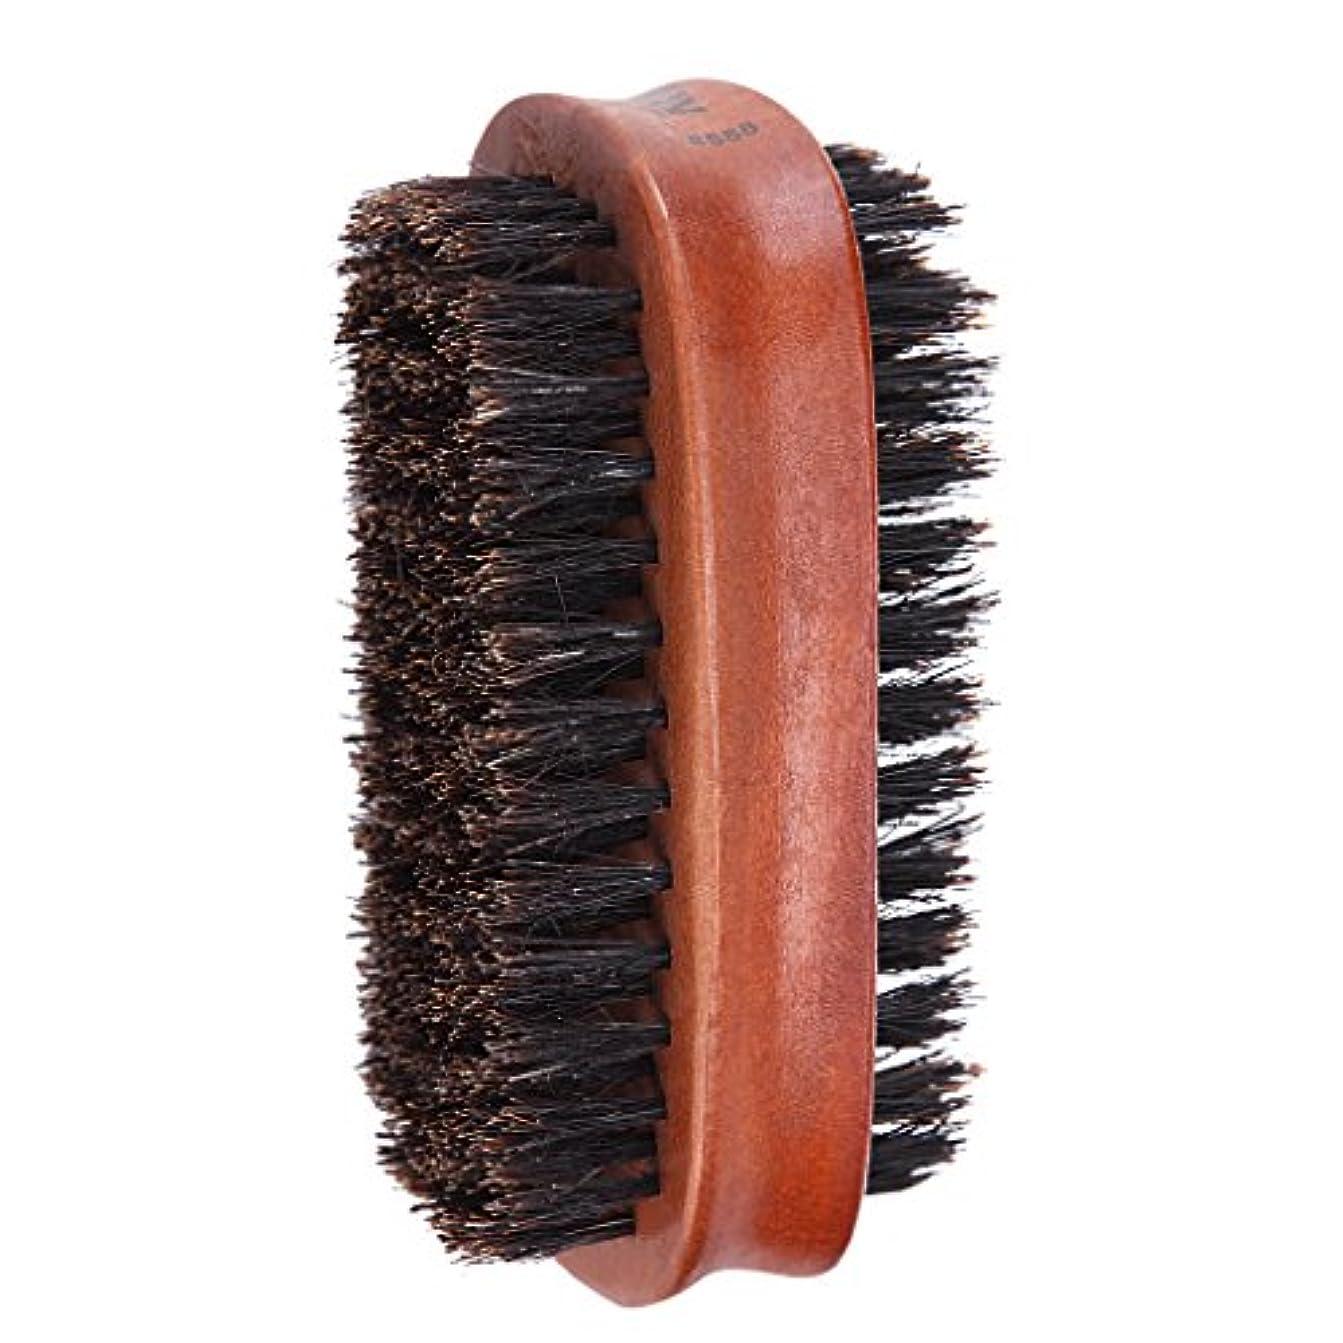 陽気なぬるいミサイルToygogo ヘアブラシ 両面ブラシ 男性 髭 口ひげ グルーミングブラシ ブリストルブラシ